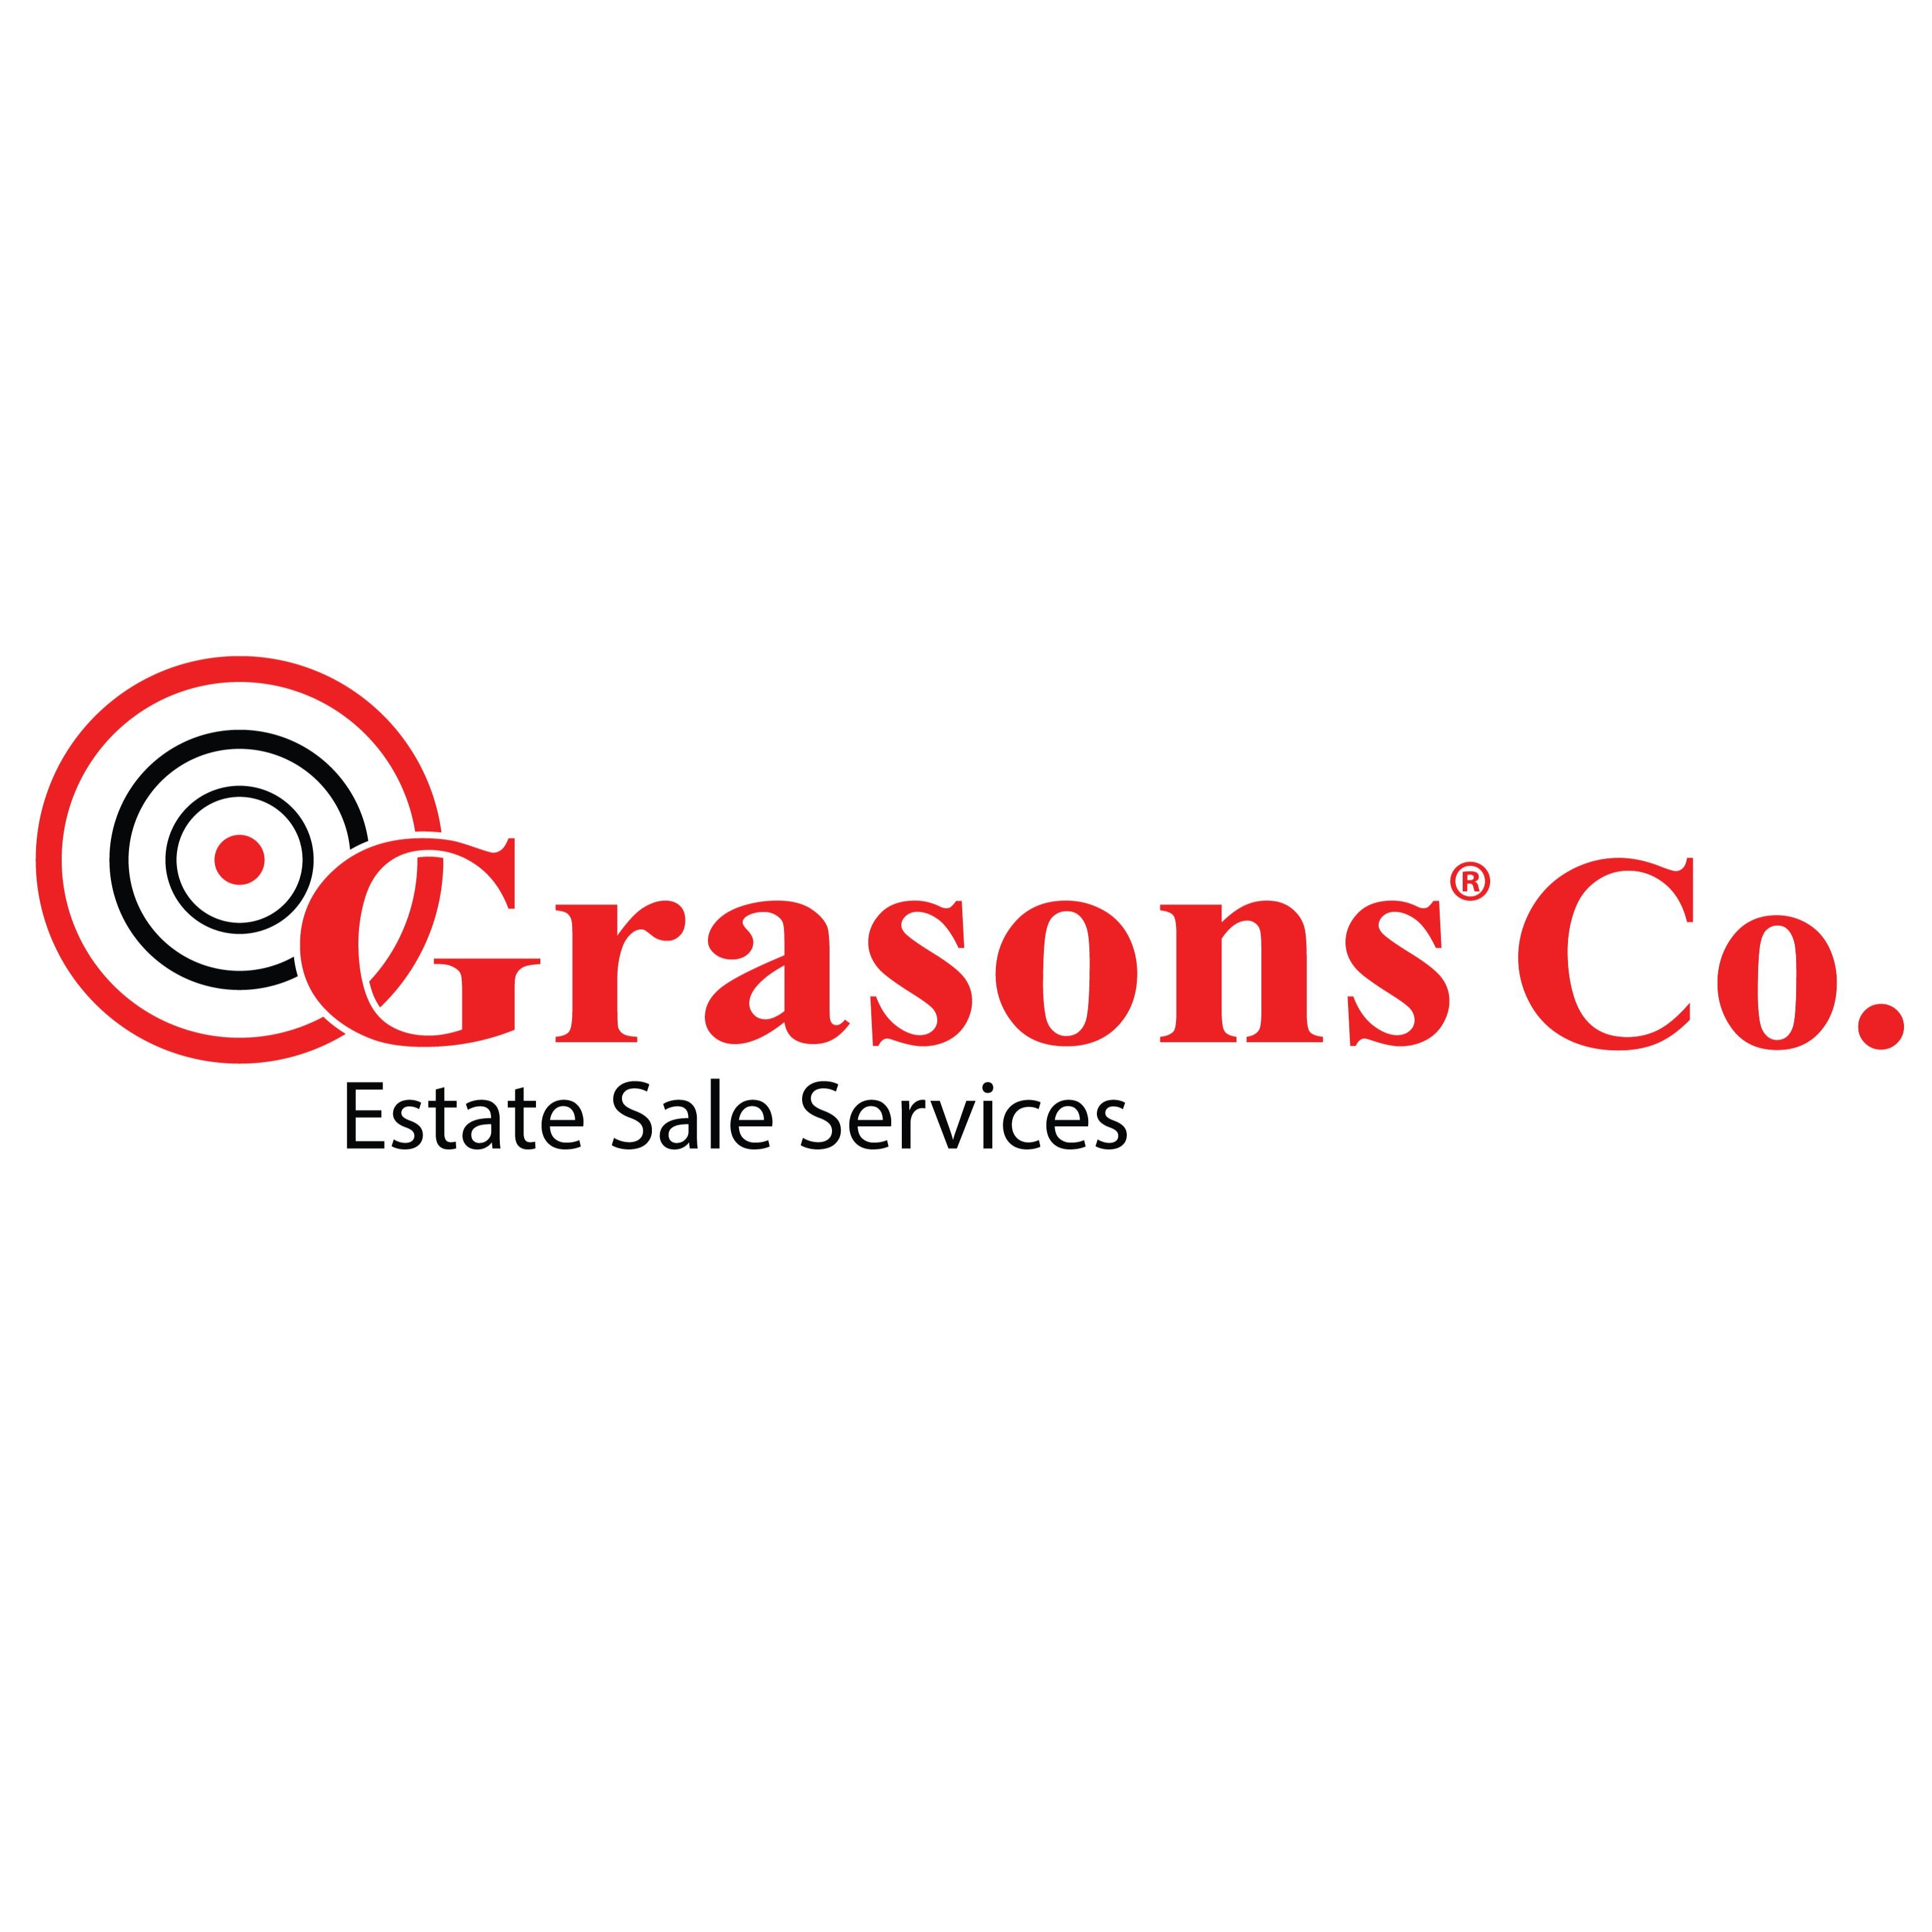 Grasons Co. Estate Sale Services